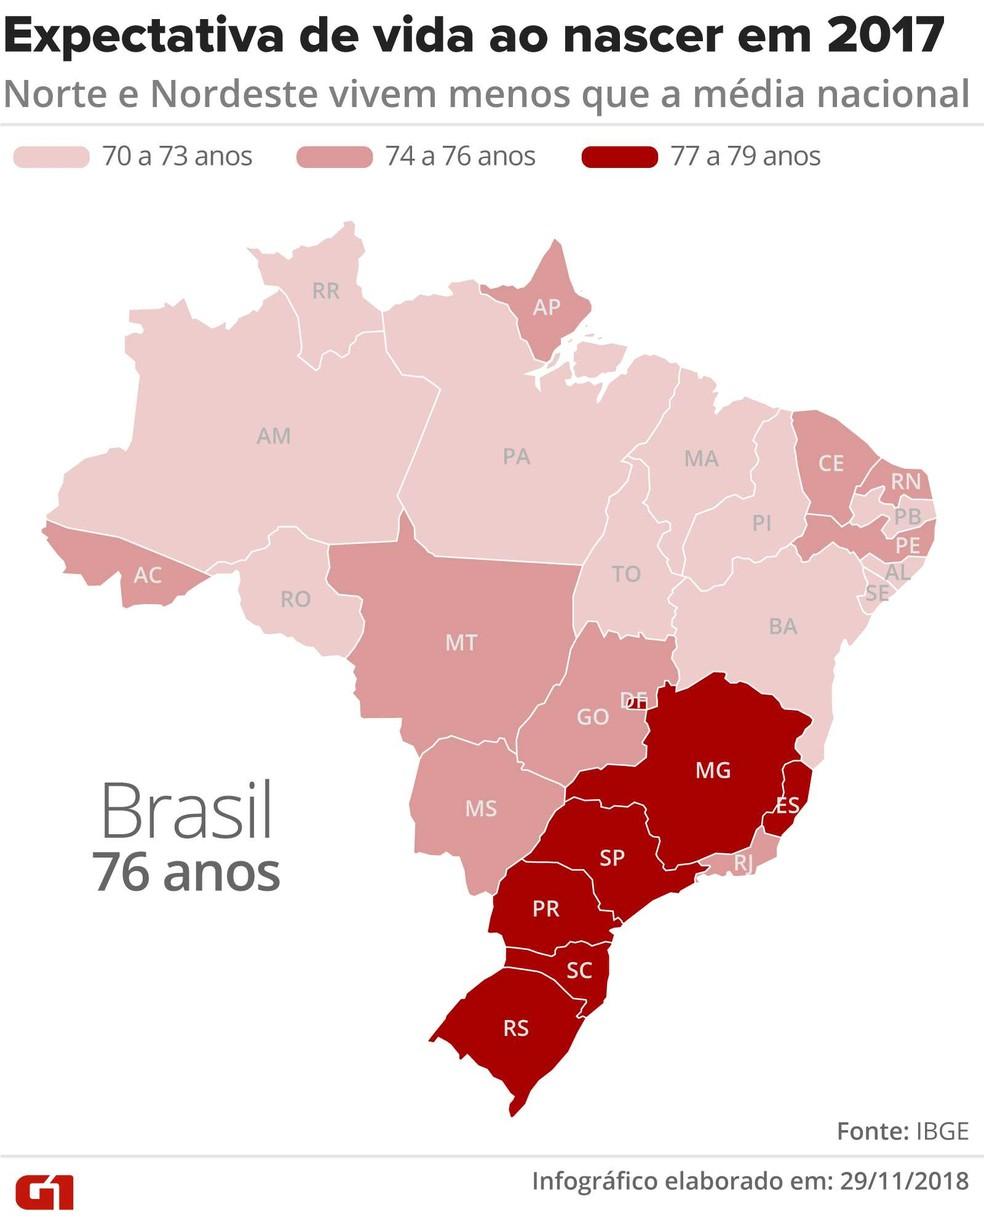 Expectativa de vida ao nascer em 2017 no Brasil — Foto: Claudia Peixoto/Arte G1